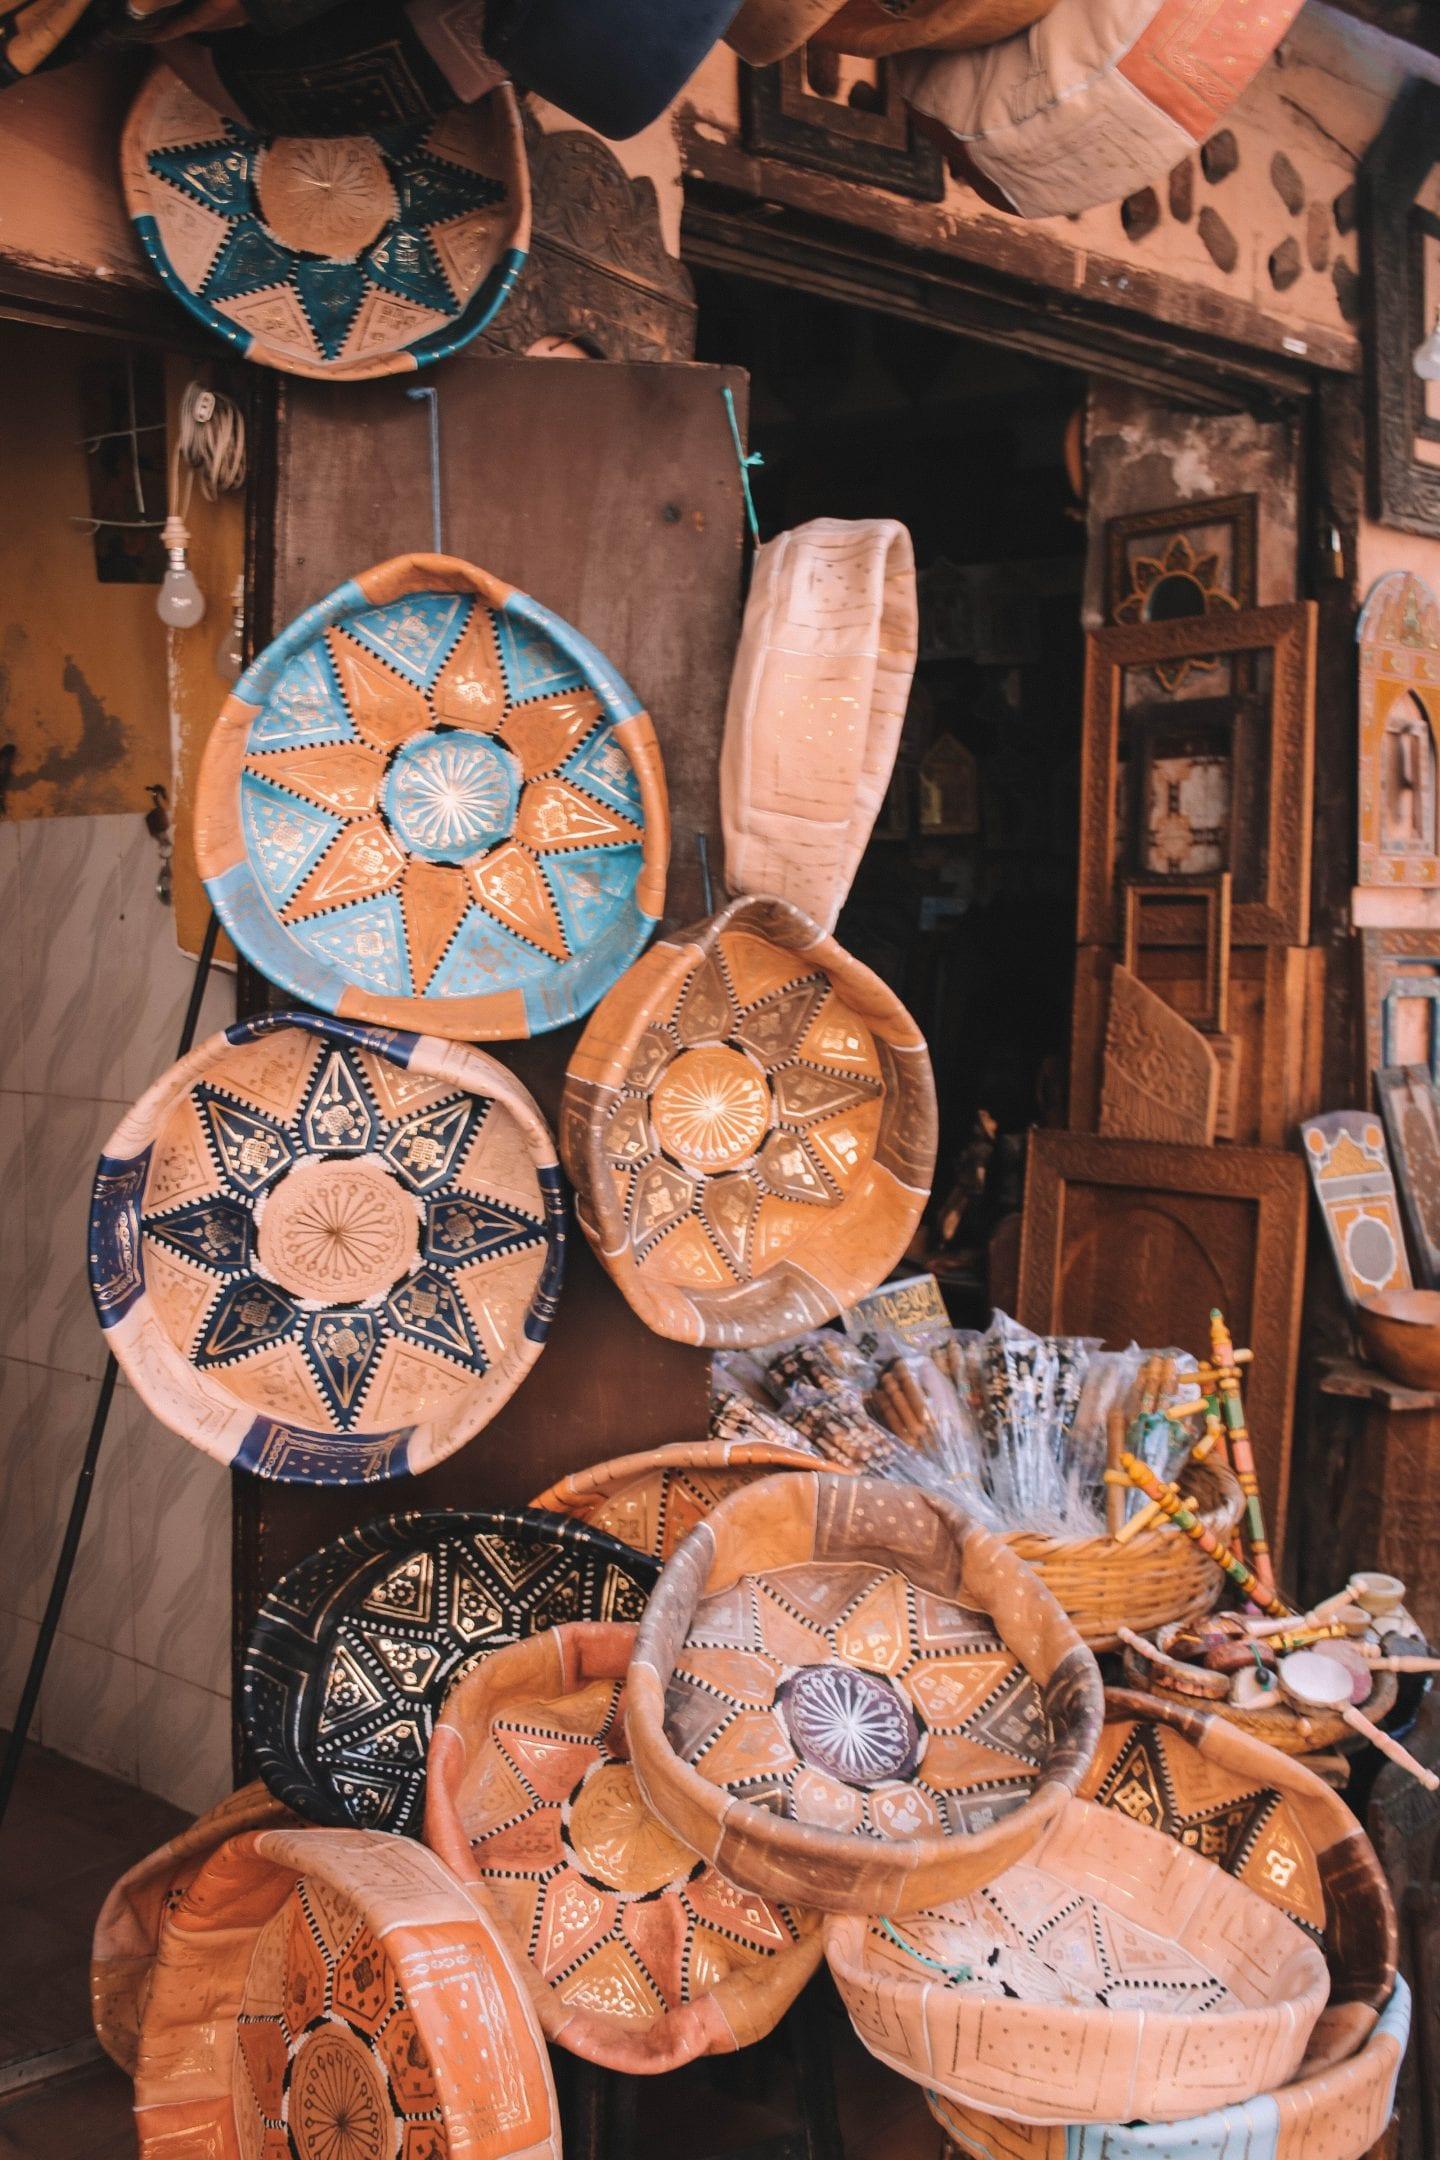 20 Photos To Inspire You To Visit Marrakech, Morocco